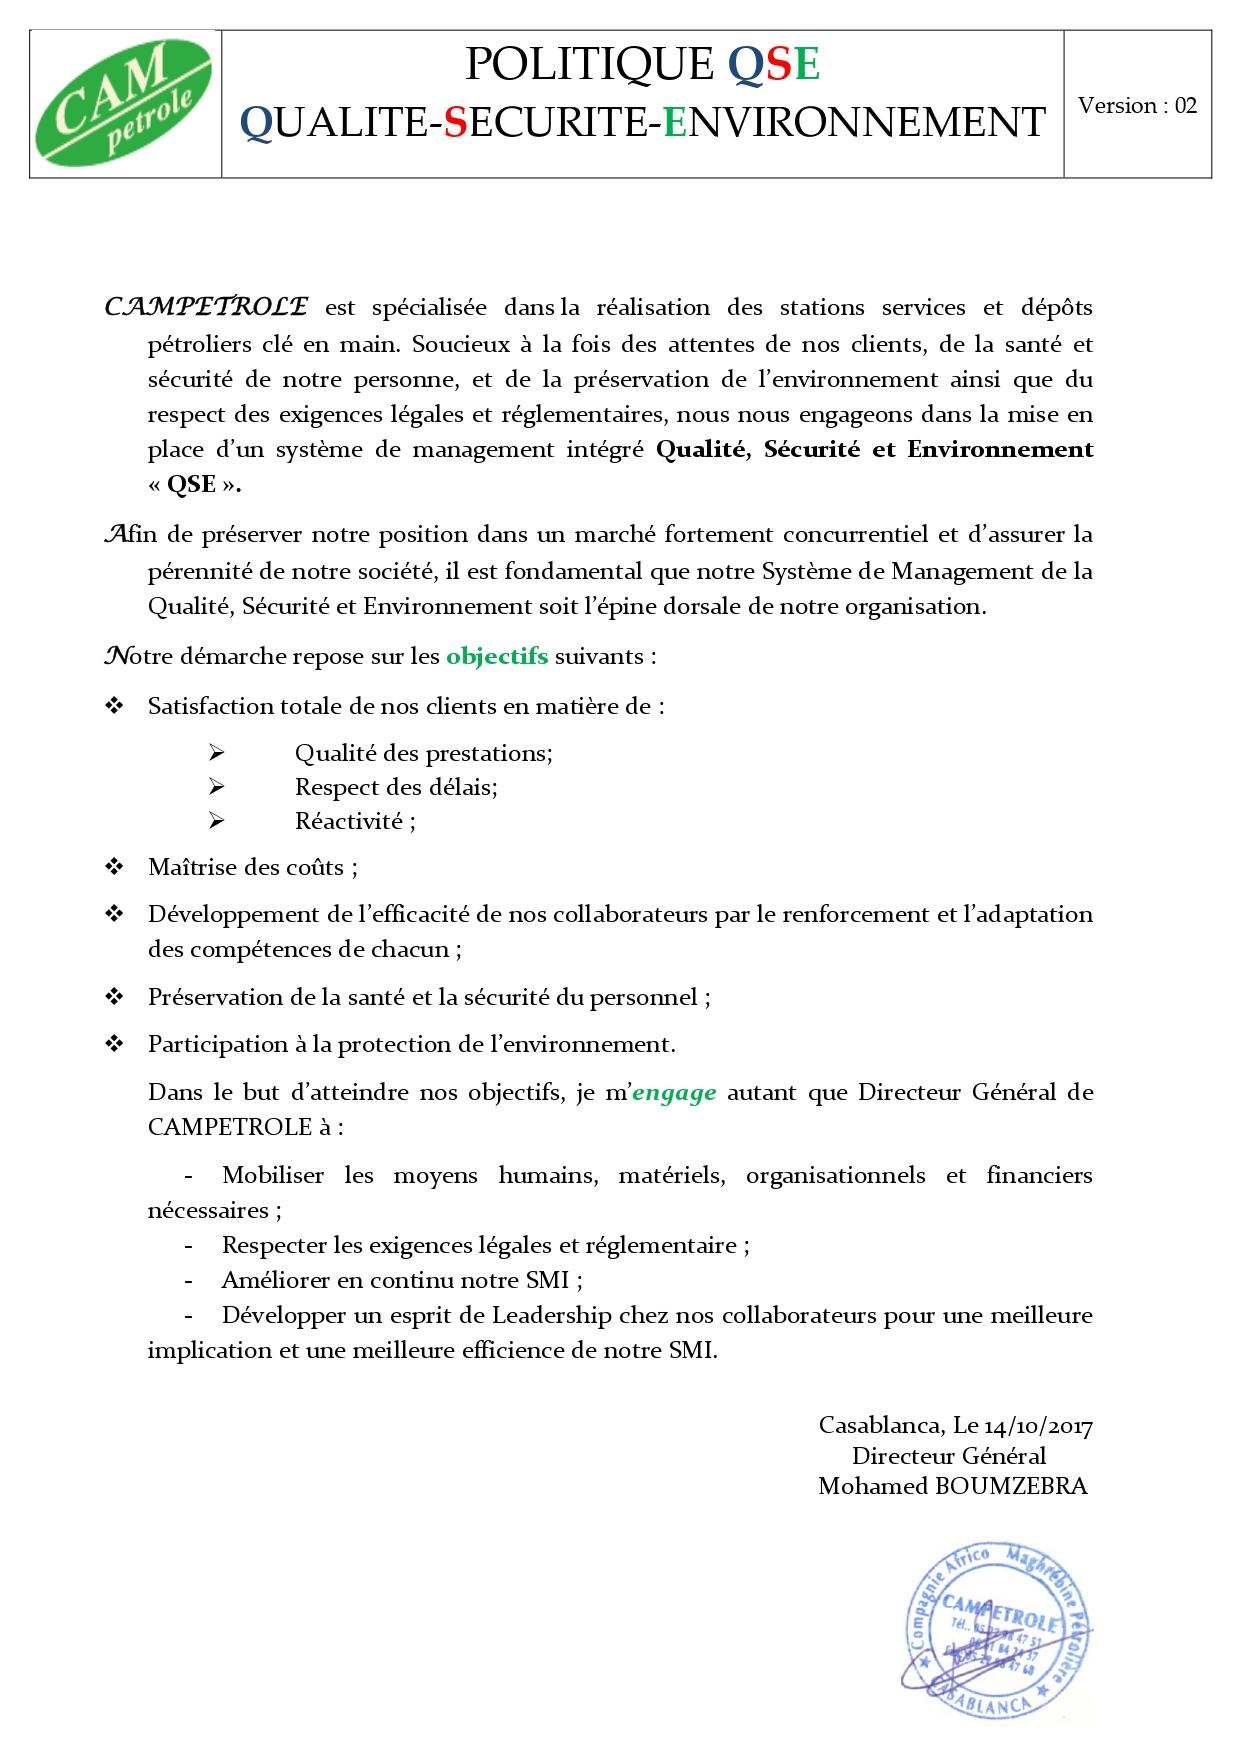 01-Politique QSE Définitive_Fr_page-0001